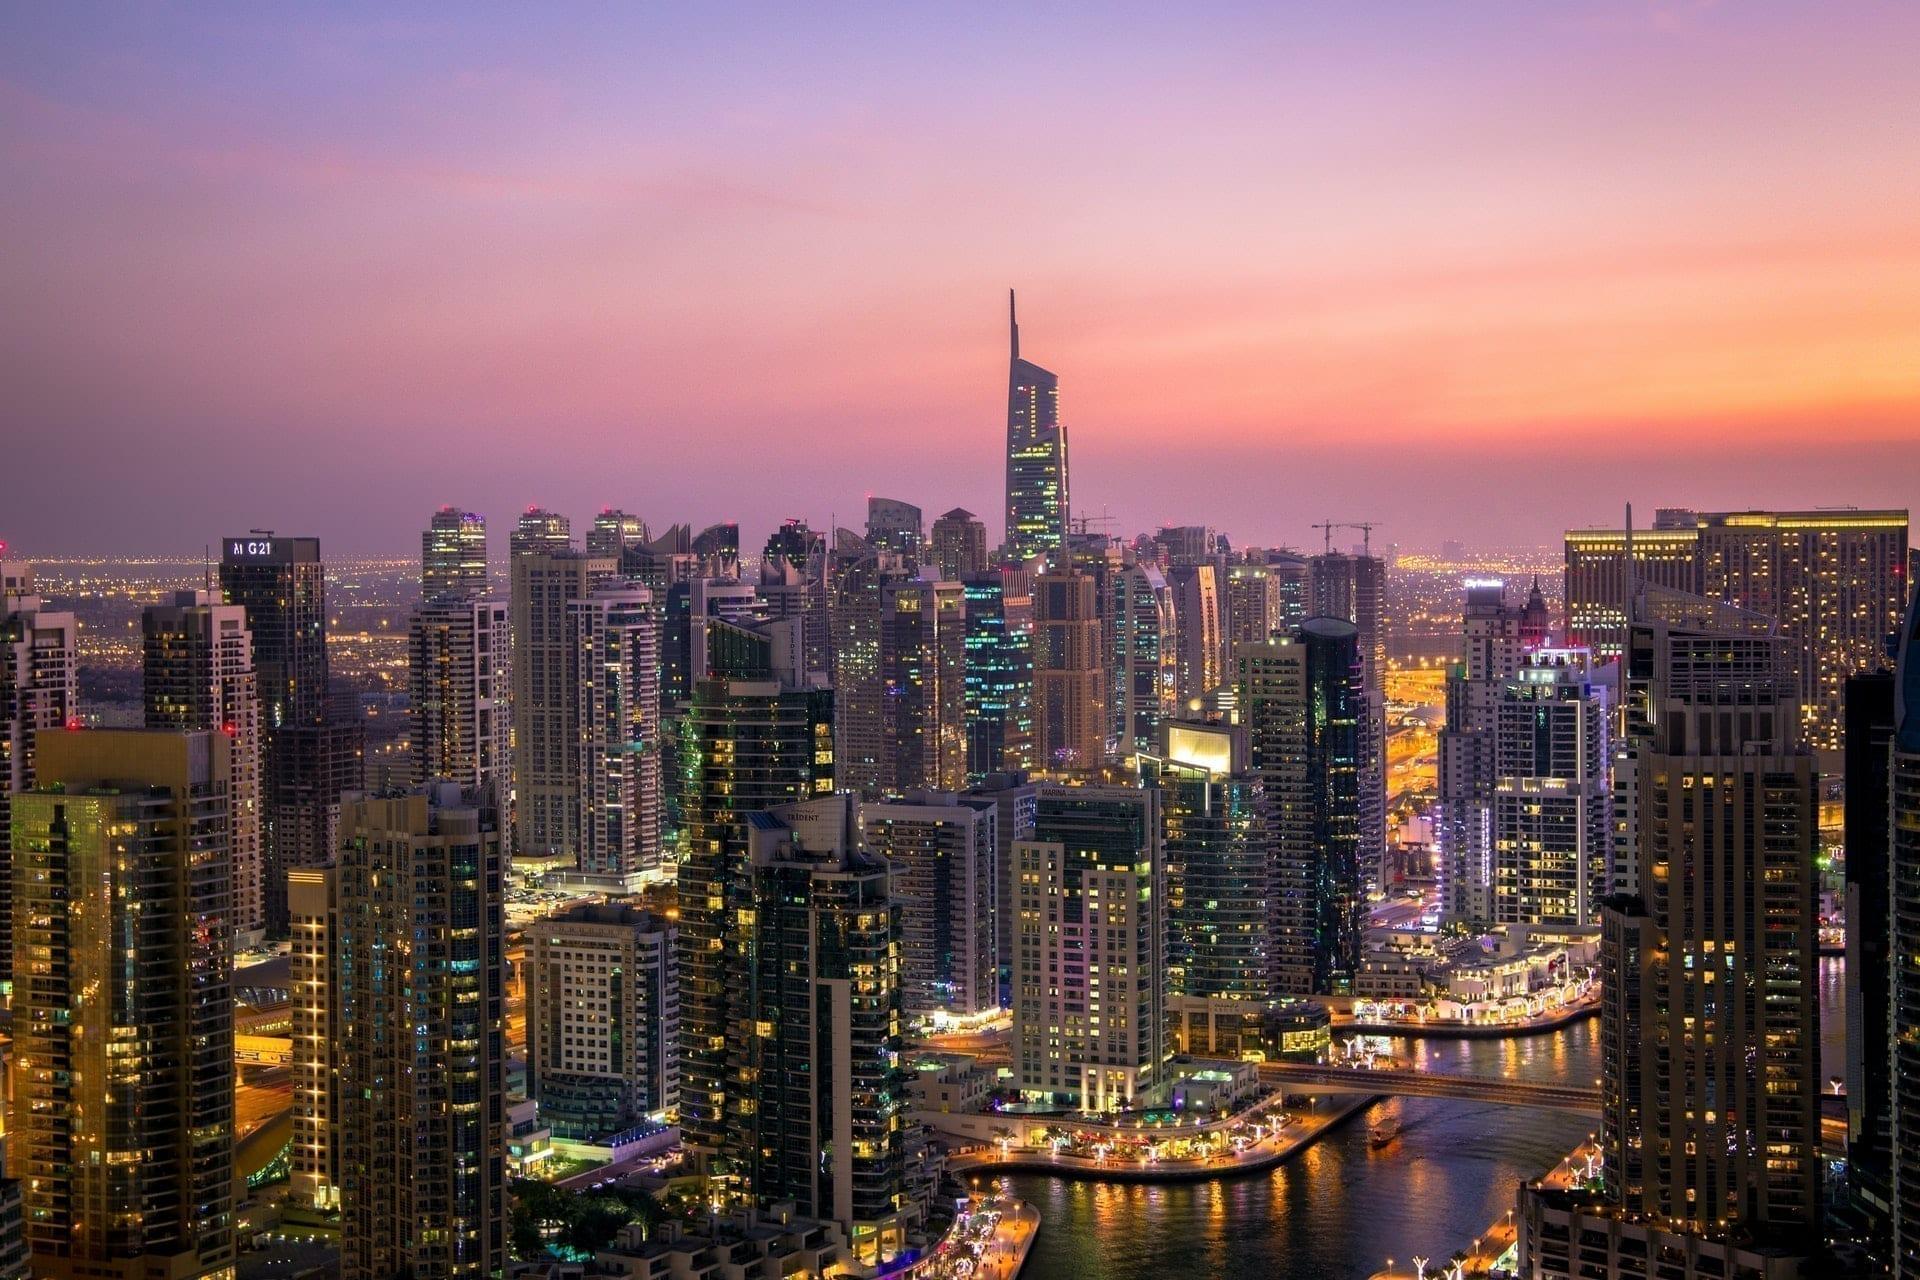 Achat d'un Bien Immobilier À Dubaï : À Faire et à Ne Pas Faire